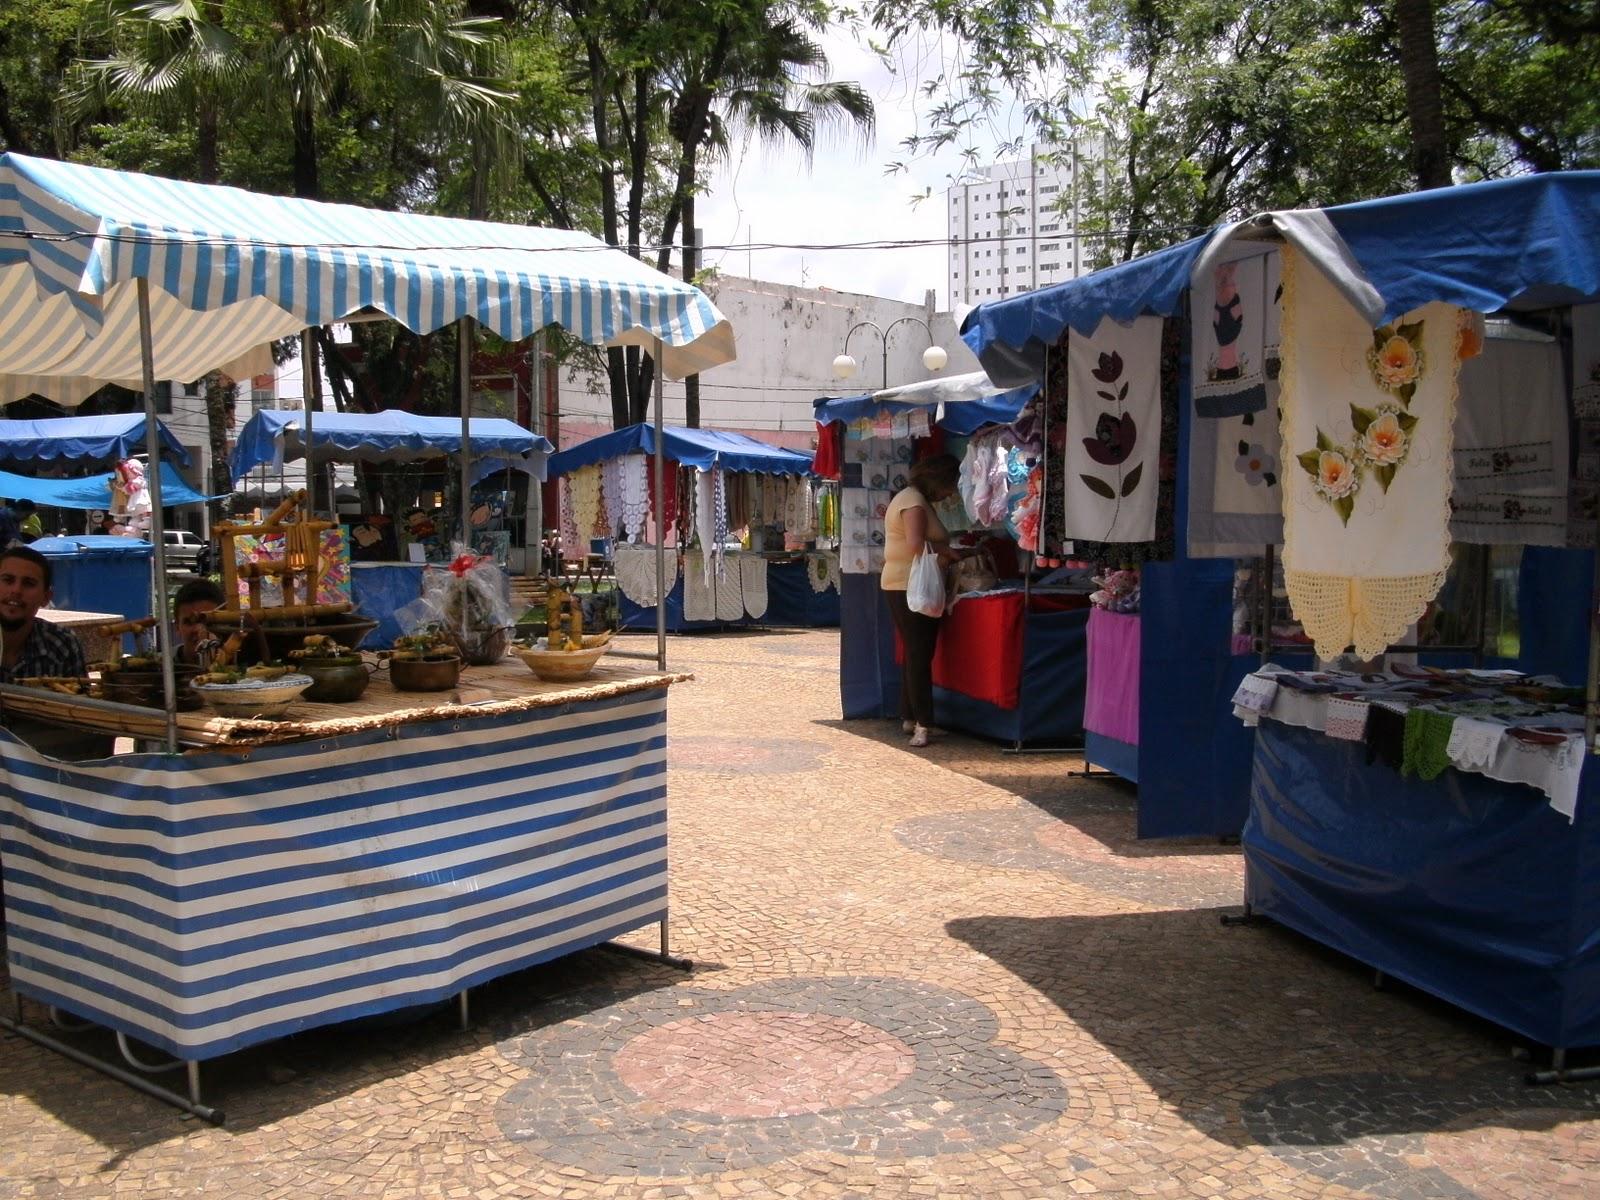 Armario Ropero Sinonimos ~ feira de artesanato em Sorocaba VISÃO GERAL E APRESENTA u00c7ÃO DAS BARRACAS